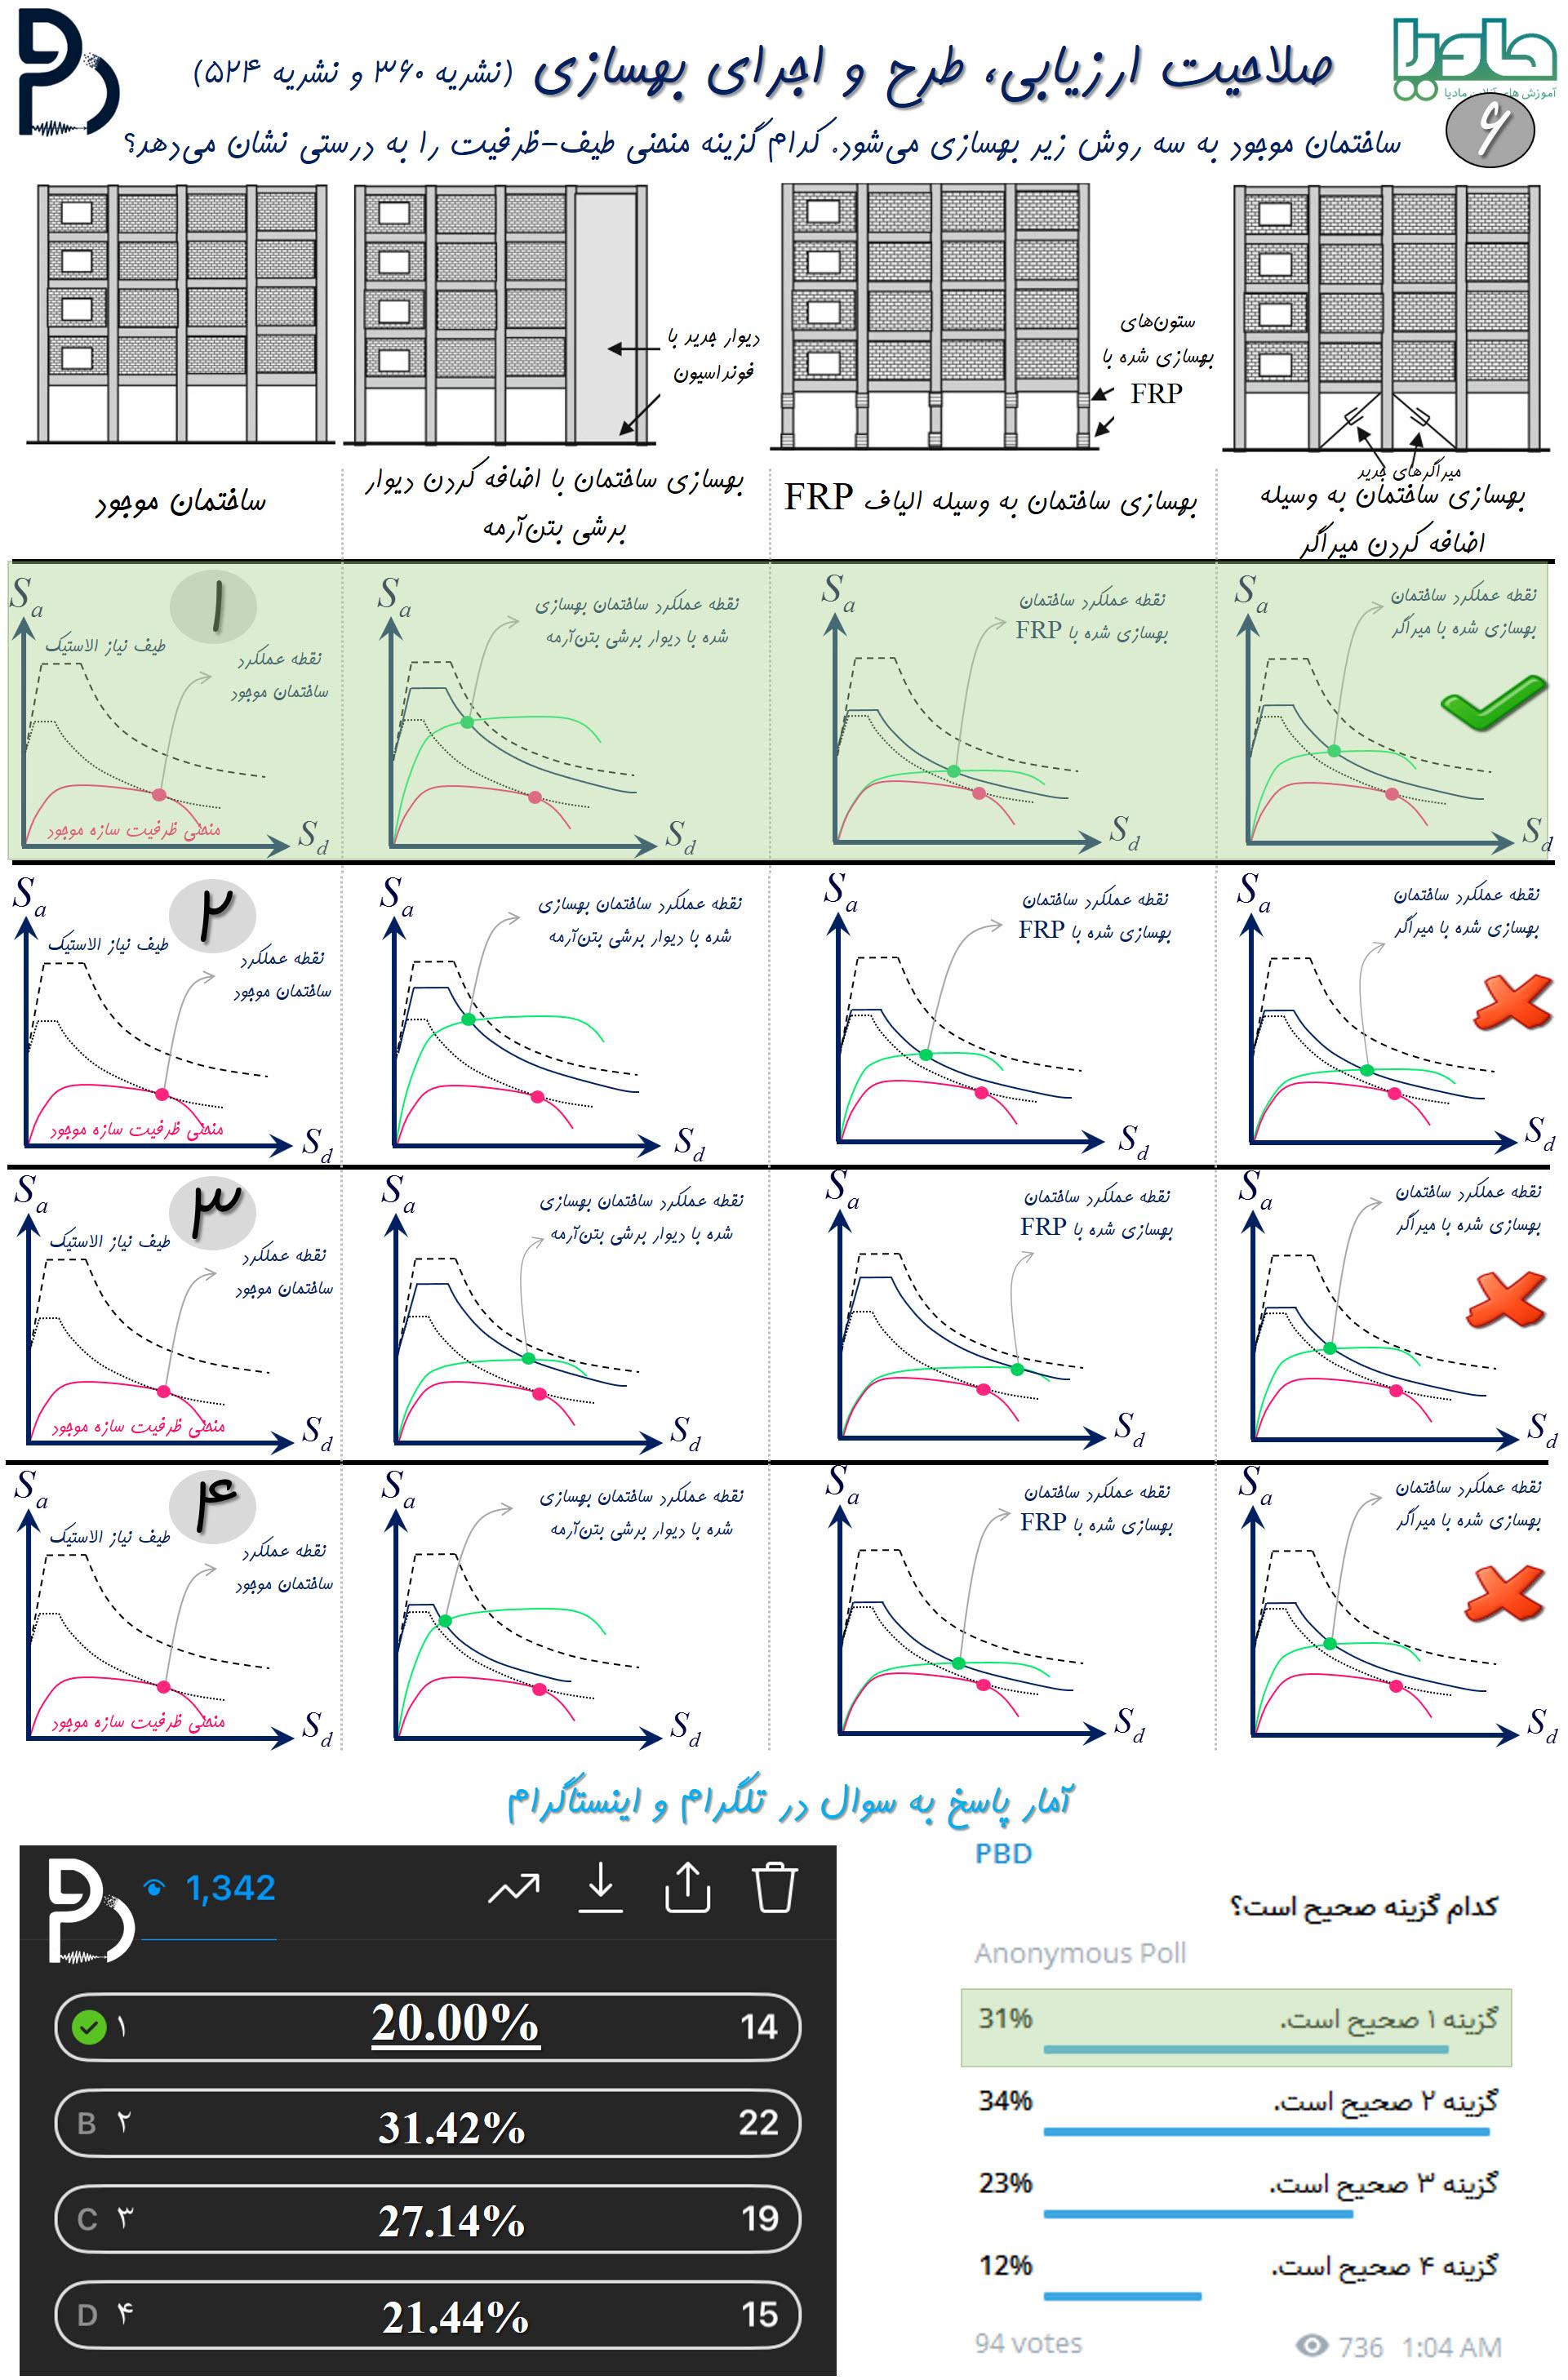 بررسی منحنی طیف-ظرفیت براساس نشریه 524 - سوال ششم از سری سوالات تالیفی آزمون صلاحیت ارزیابی، طرح و اجرای بهسازی